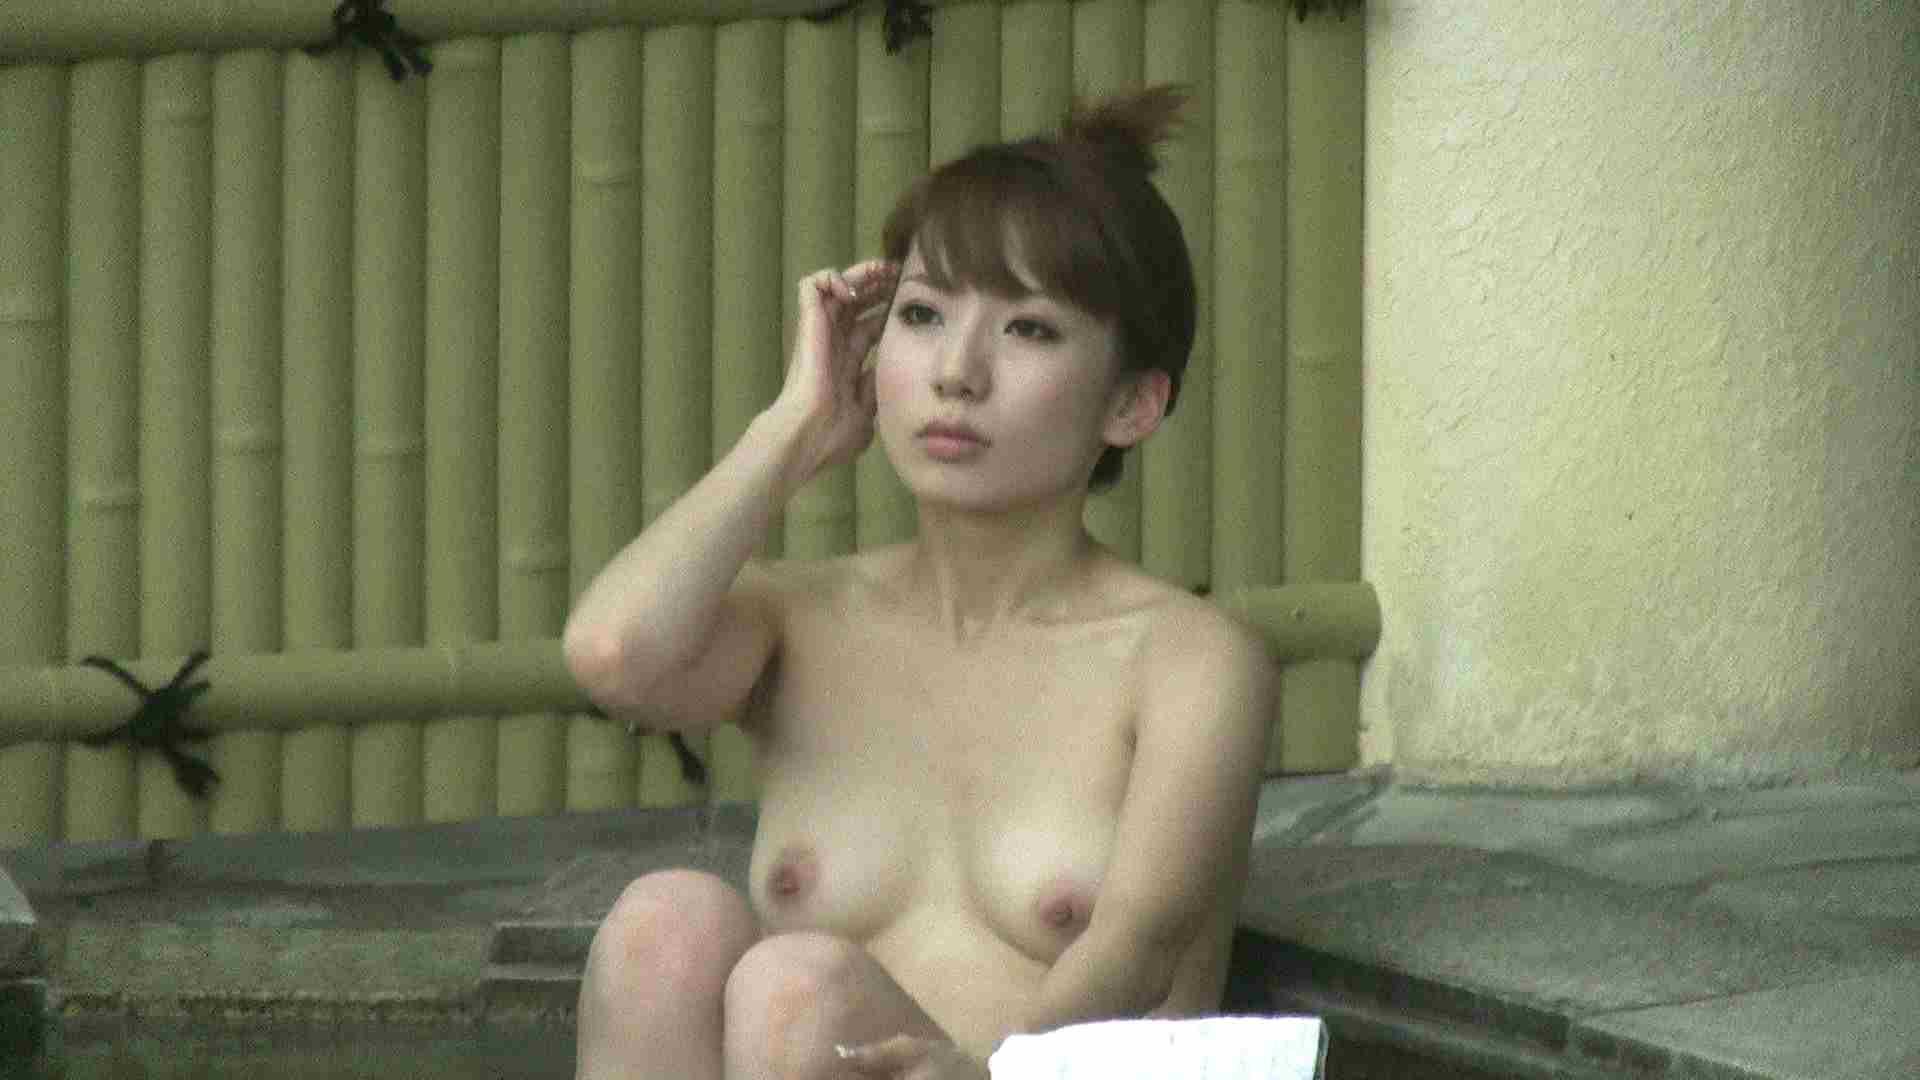 Aquaな露天風呂Vol.208 OLのエロ生活 ワレメ無修正動画無料 54連発 8